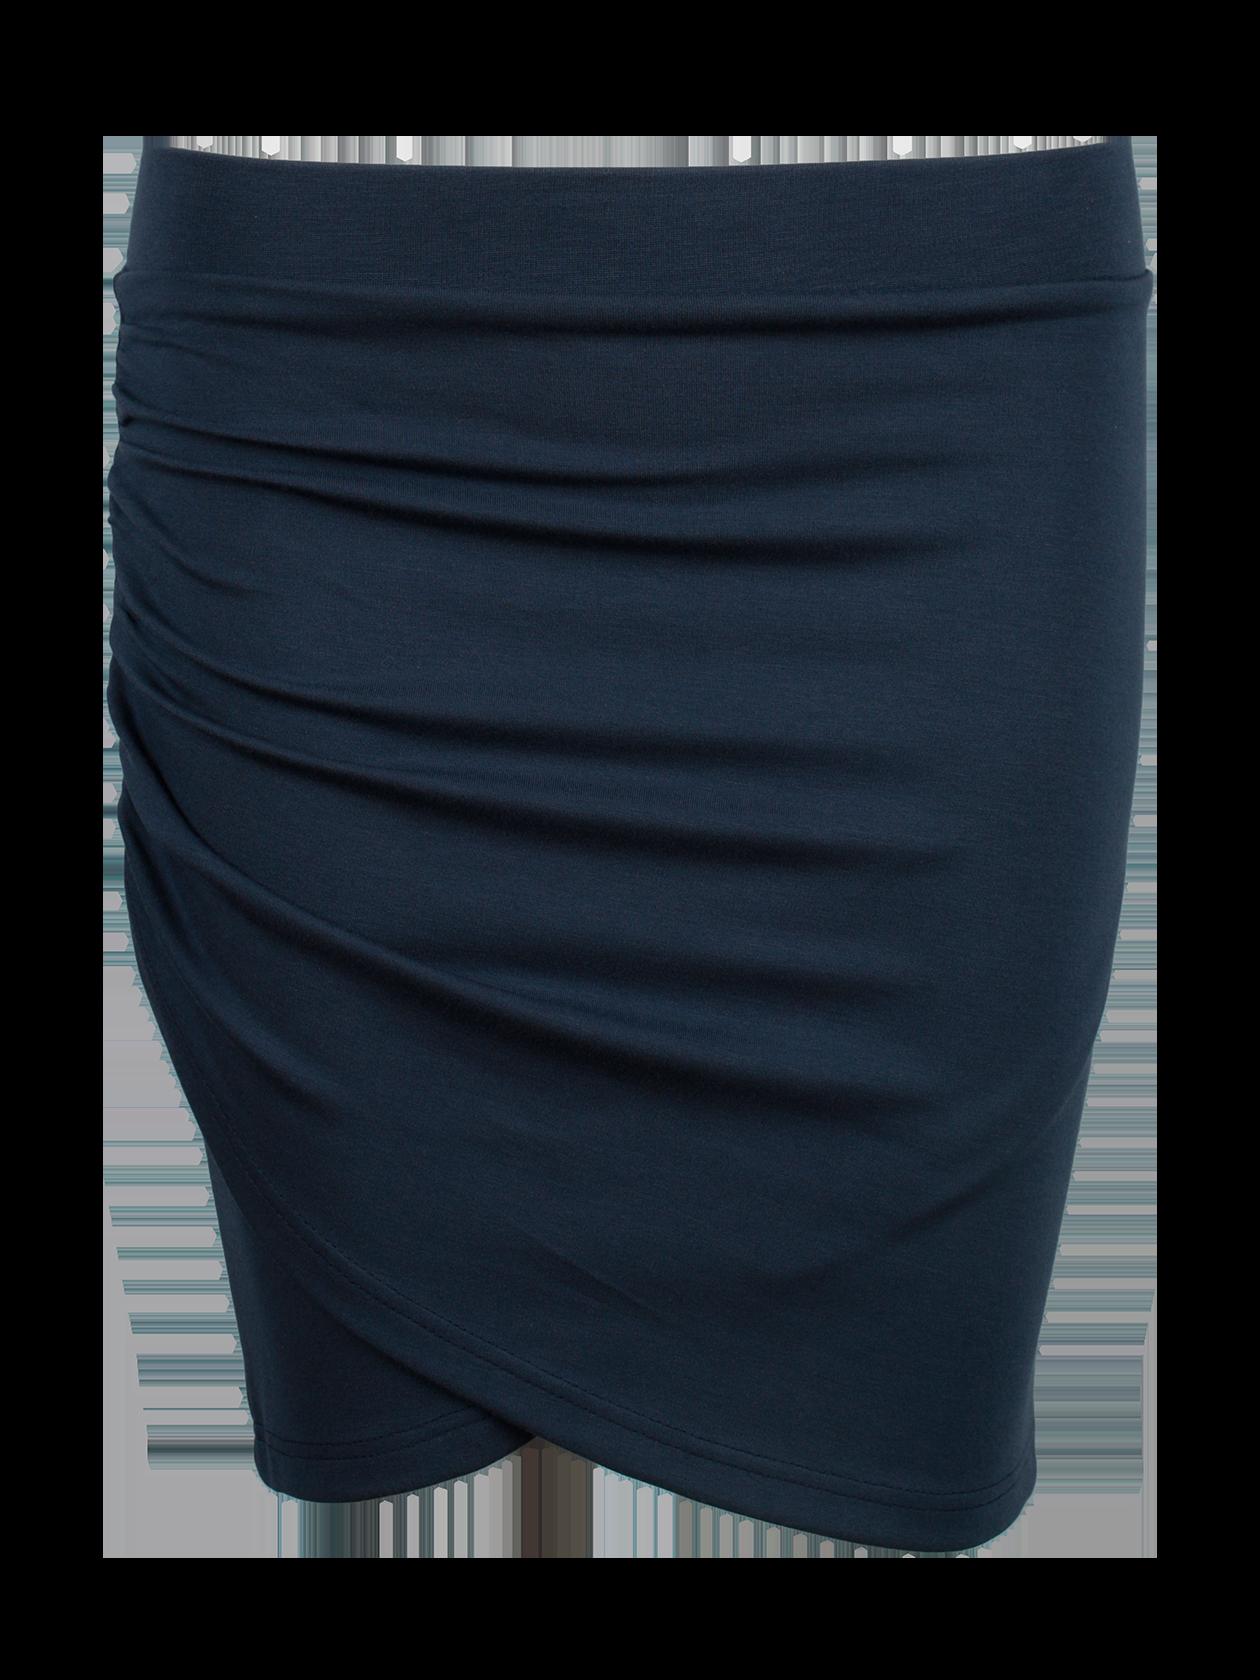 Юбка женская ROYALTY DRAPEСтильная юбка женская Royalty Drape из коллекции Black Star Wear – обязательный атрибут повседневного гардероба. Модель классического дизайна с оригинальной драпировкой по боковой правой линии и двухслойным симметричным передом. Силуэт прямой, облегающий, длина – чуть выше колена. В качестве пояса выступает брендированная резинка, идеально фиксирующая изделие по фигуре, не стесняя движения. Юбка выполнена в базовом черном цвете, который отлично комбинируется с различной одеждой и обувью. Подходит для работы, прогулок, встреч с друзьями.<br><br>Размер: XS<br>Цвет: Серый<br>Пол: Женский